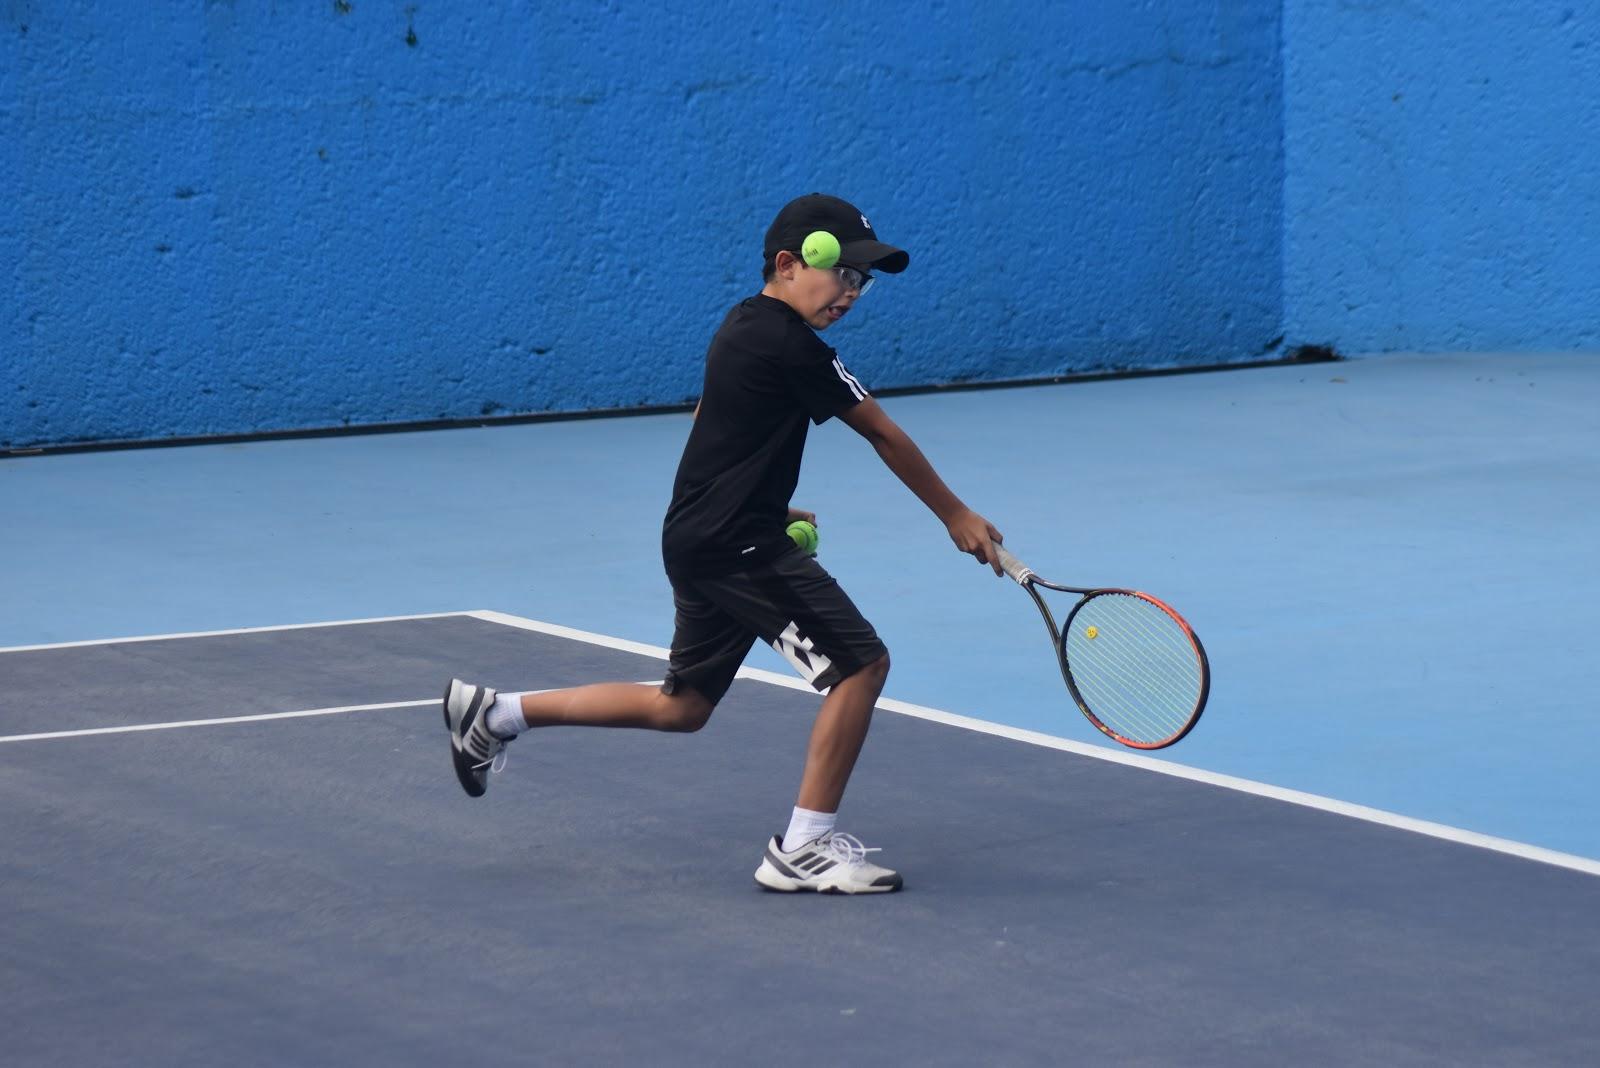 9fcaebc1f Arranca el estatal de tenis infantil y juvenil en Aguascalientes ~  AgsSports.com